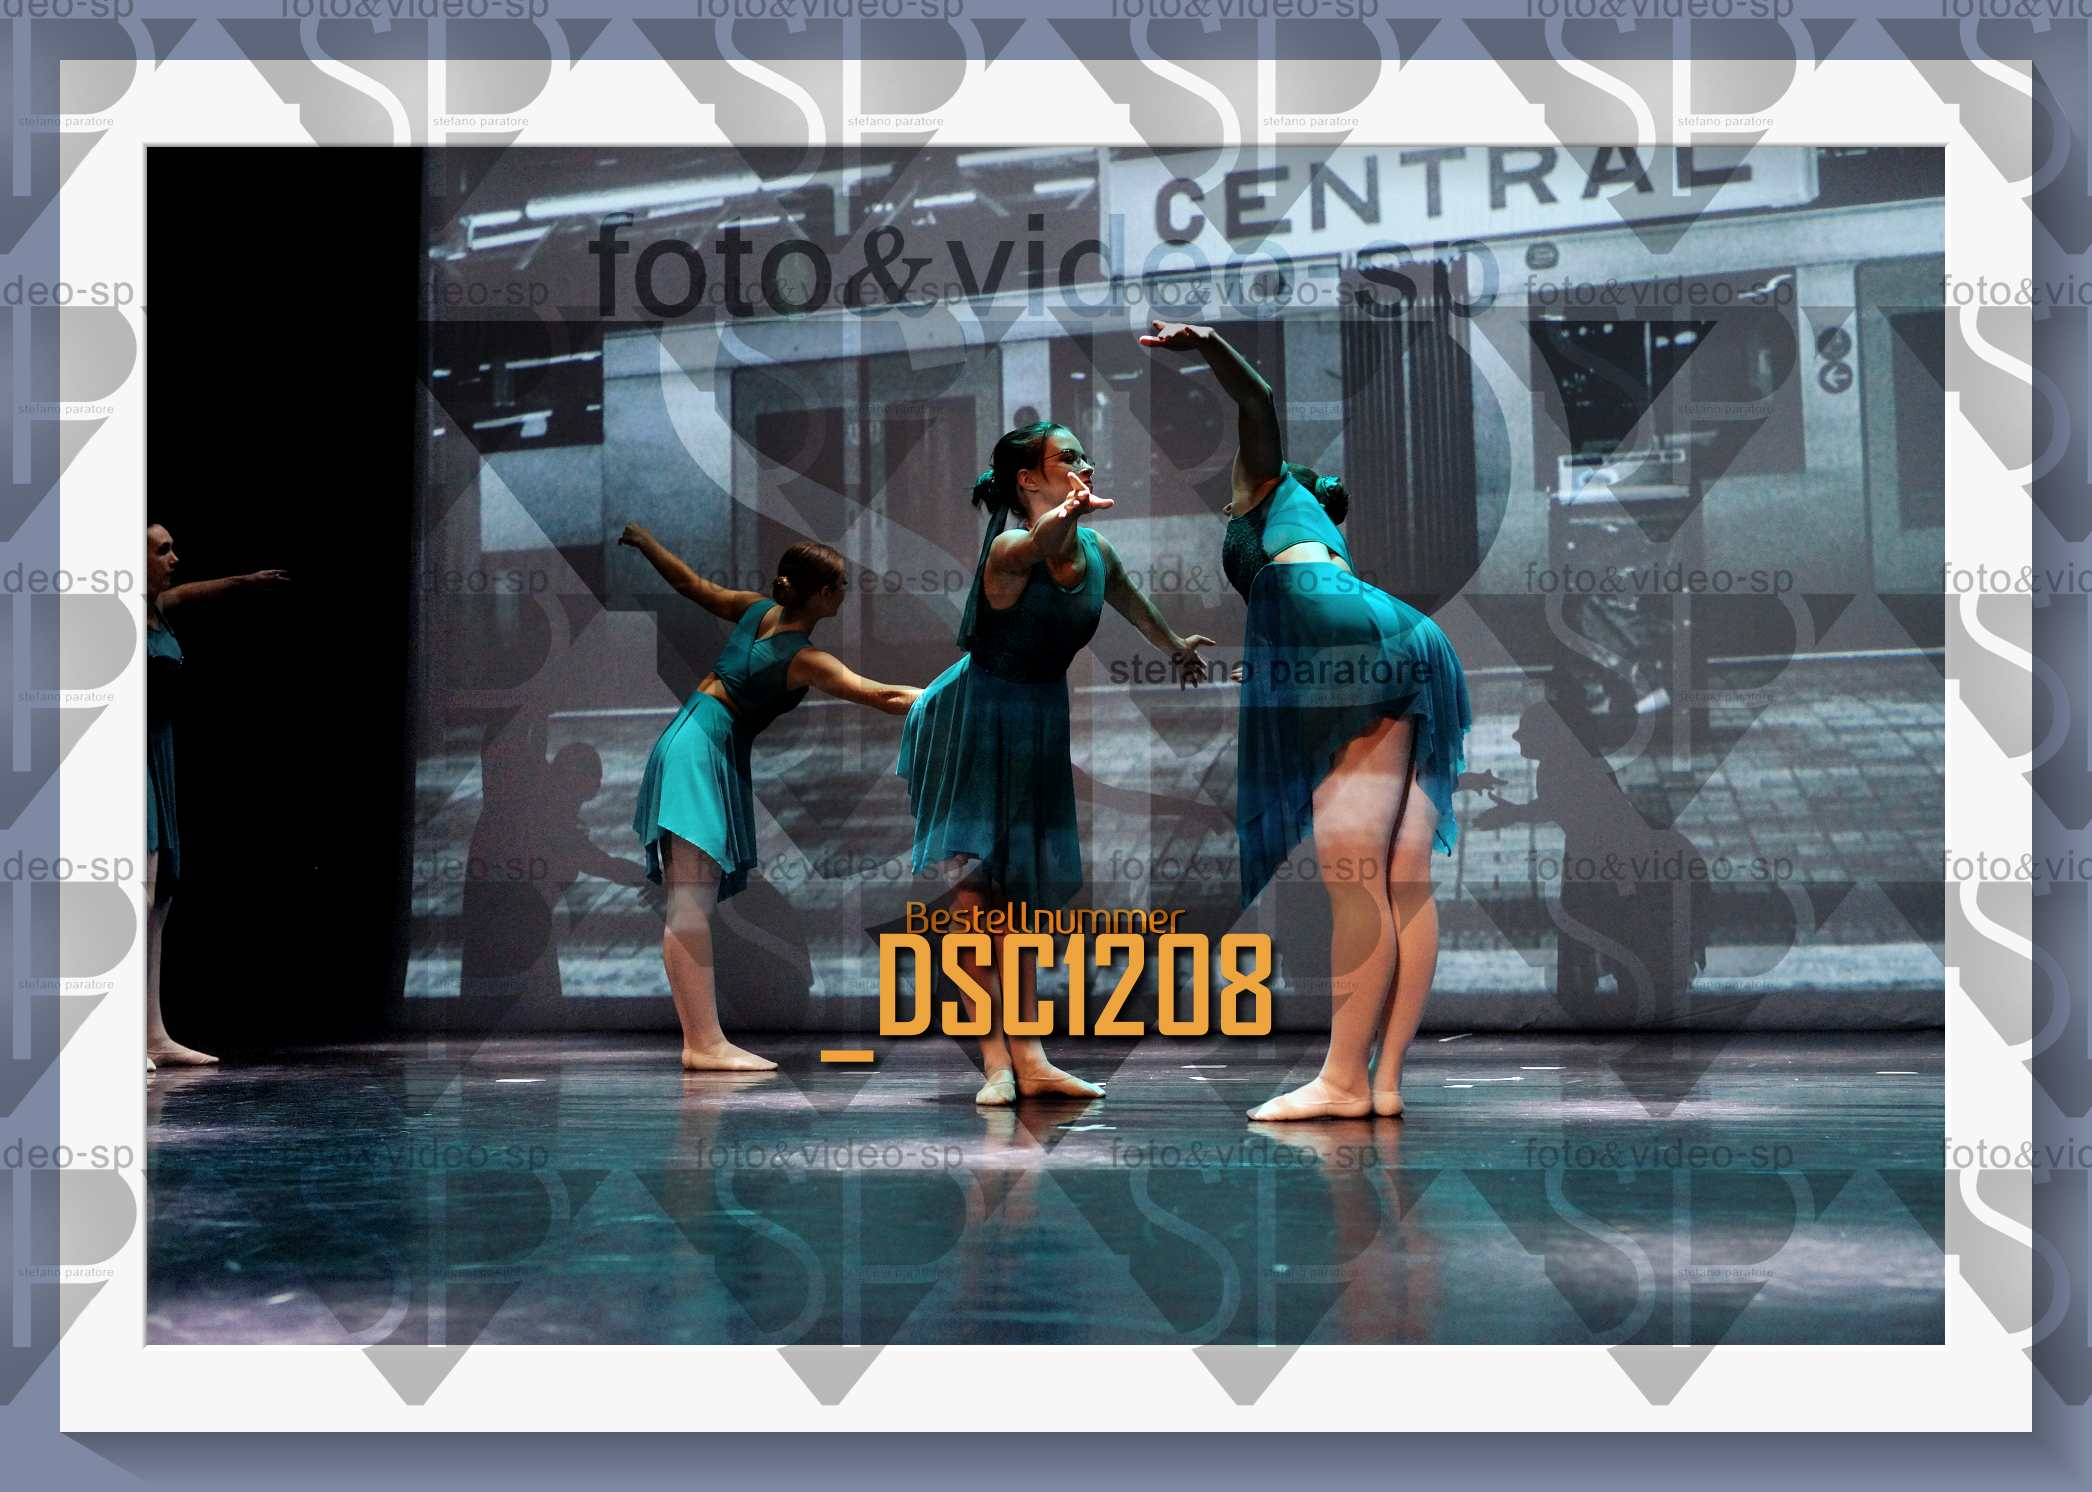 DSC1208